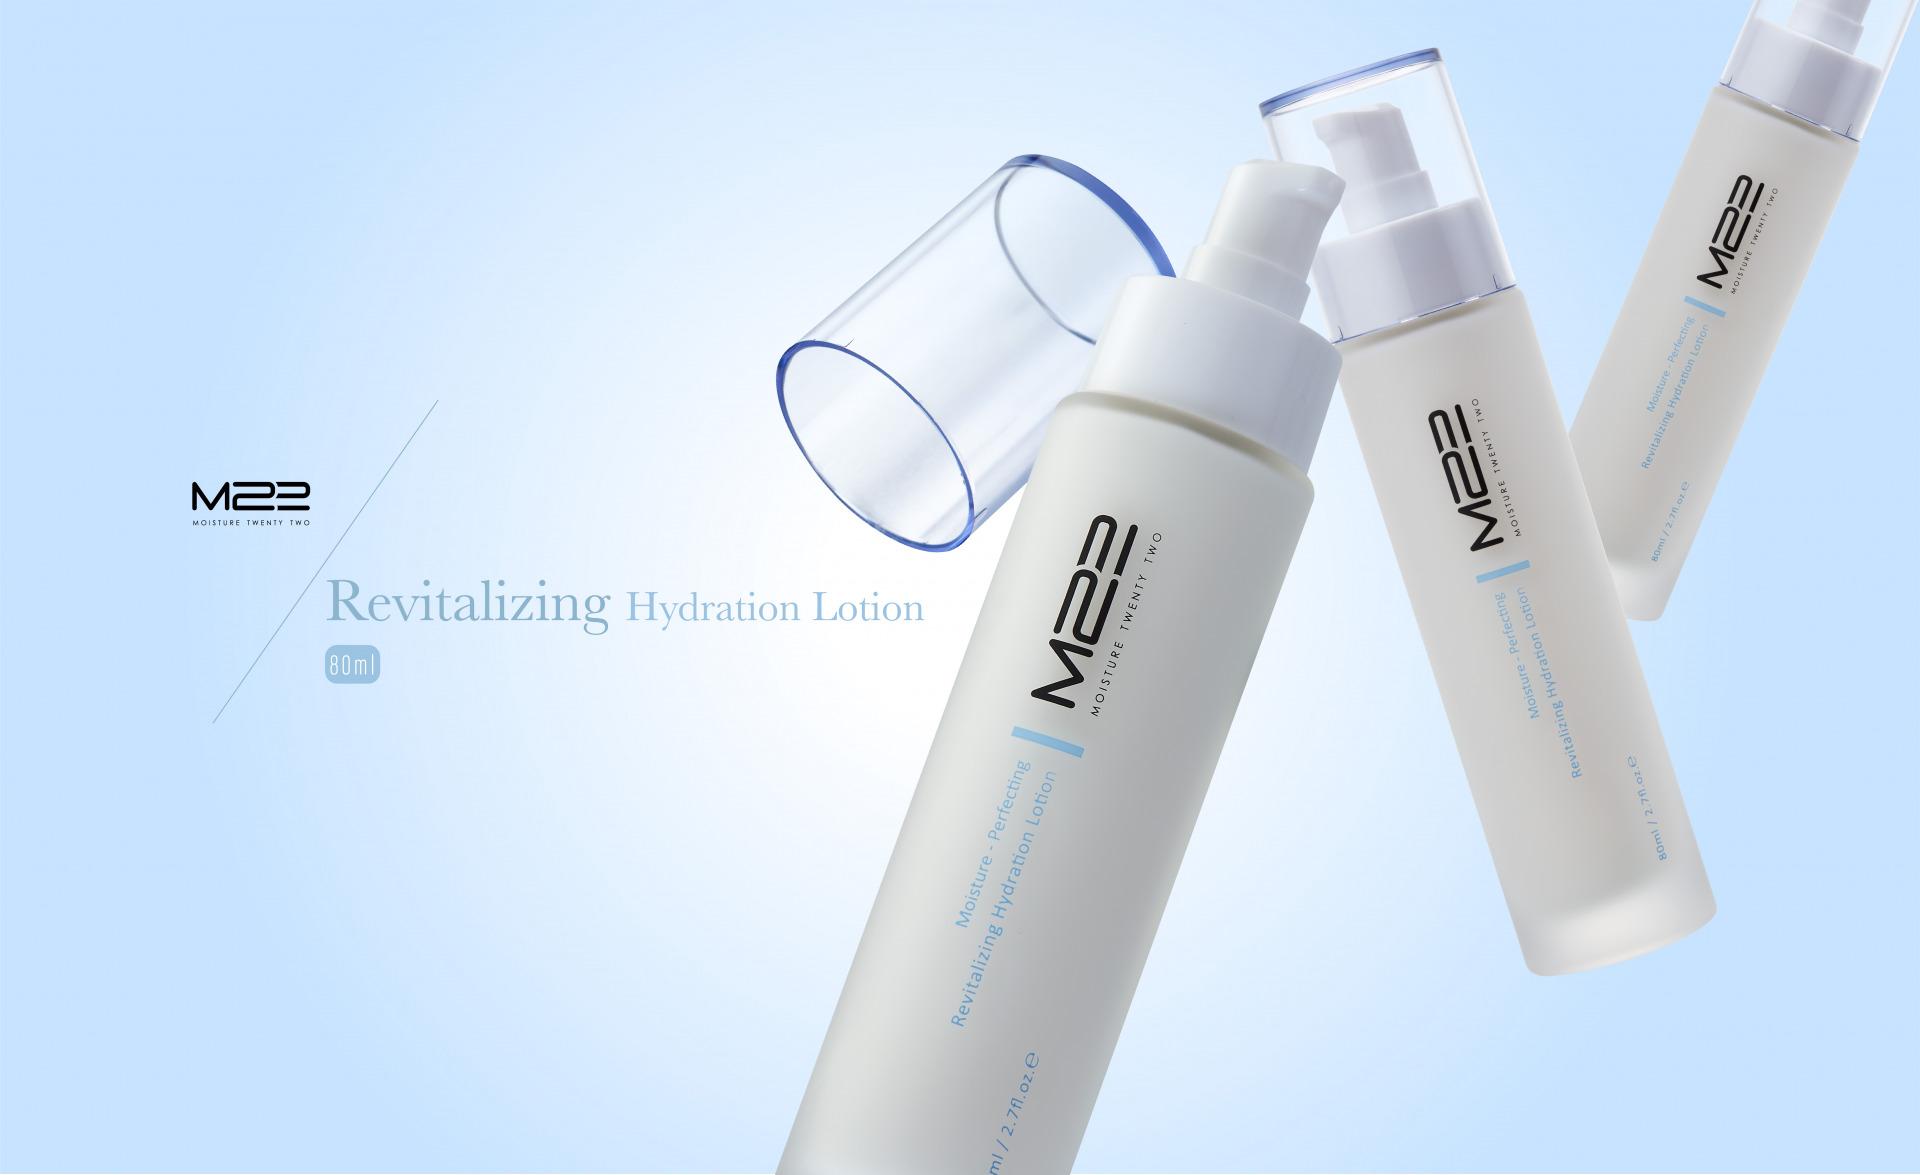 M22_Revitalizing Hydration Lotion_V2_index_en